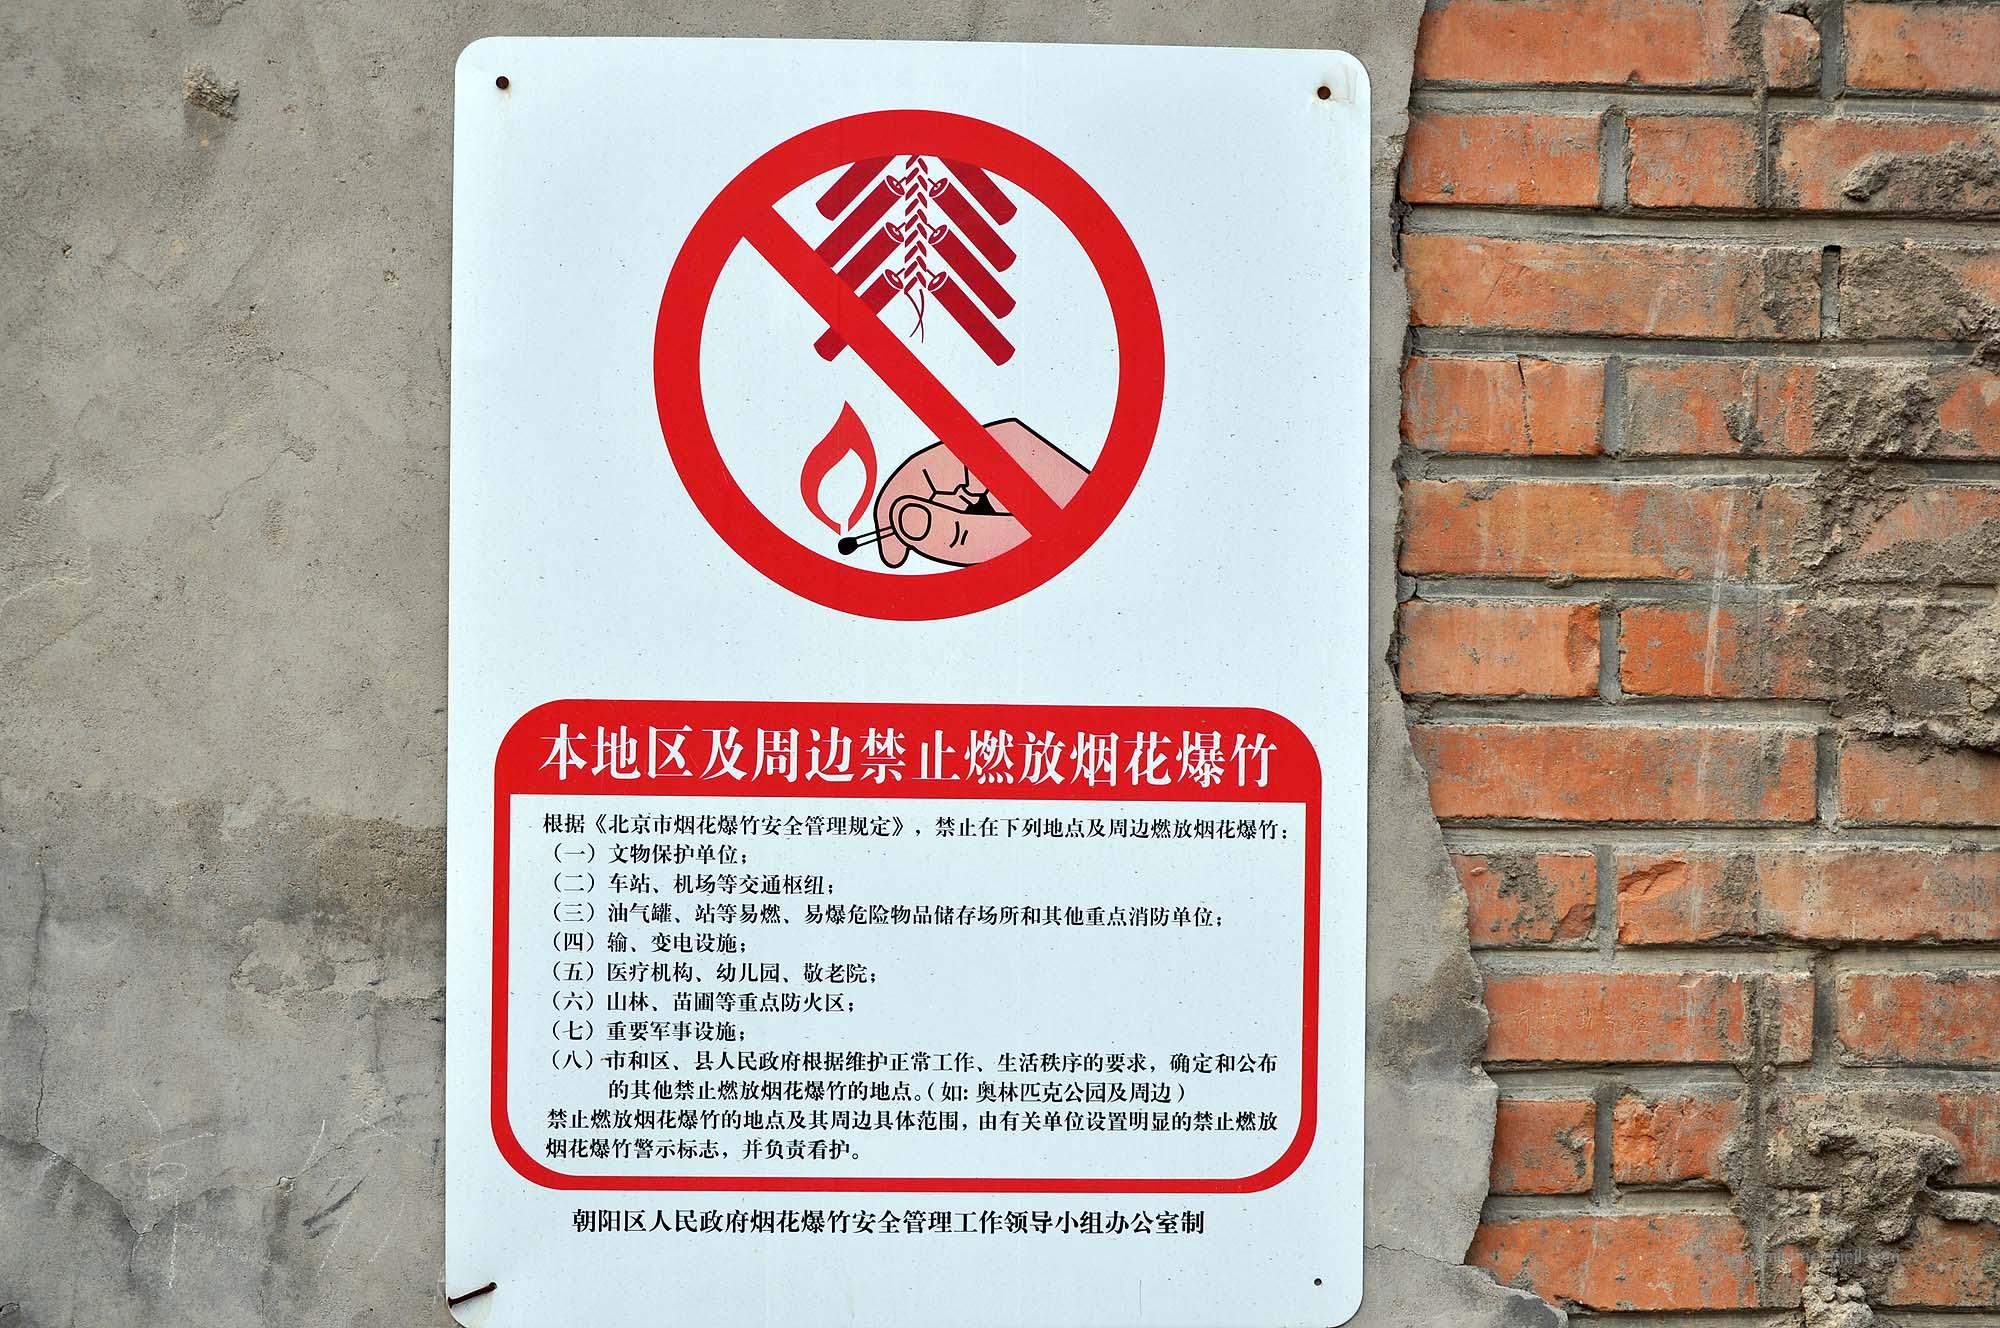 Knallkörper verboten